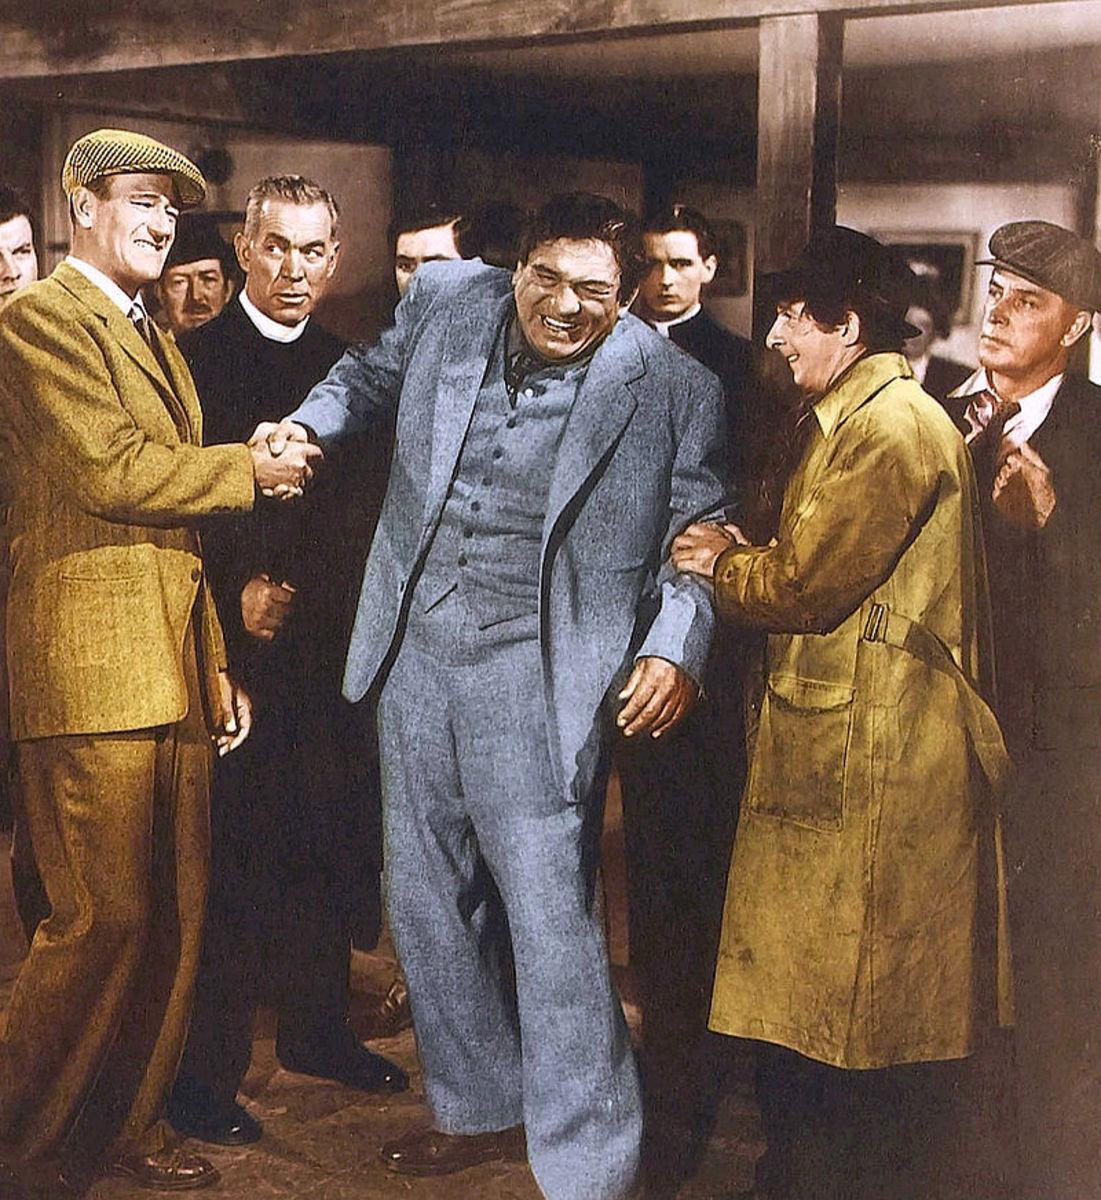 John Wayne and Victor McLaglen in The Quiet Man.